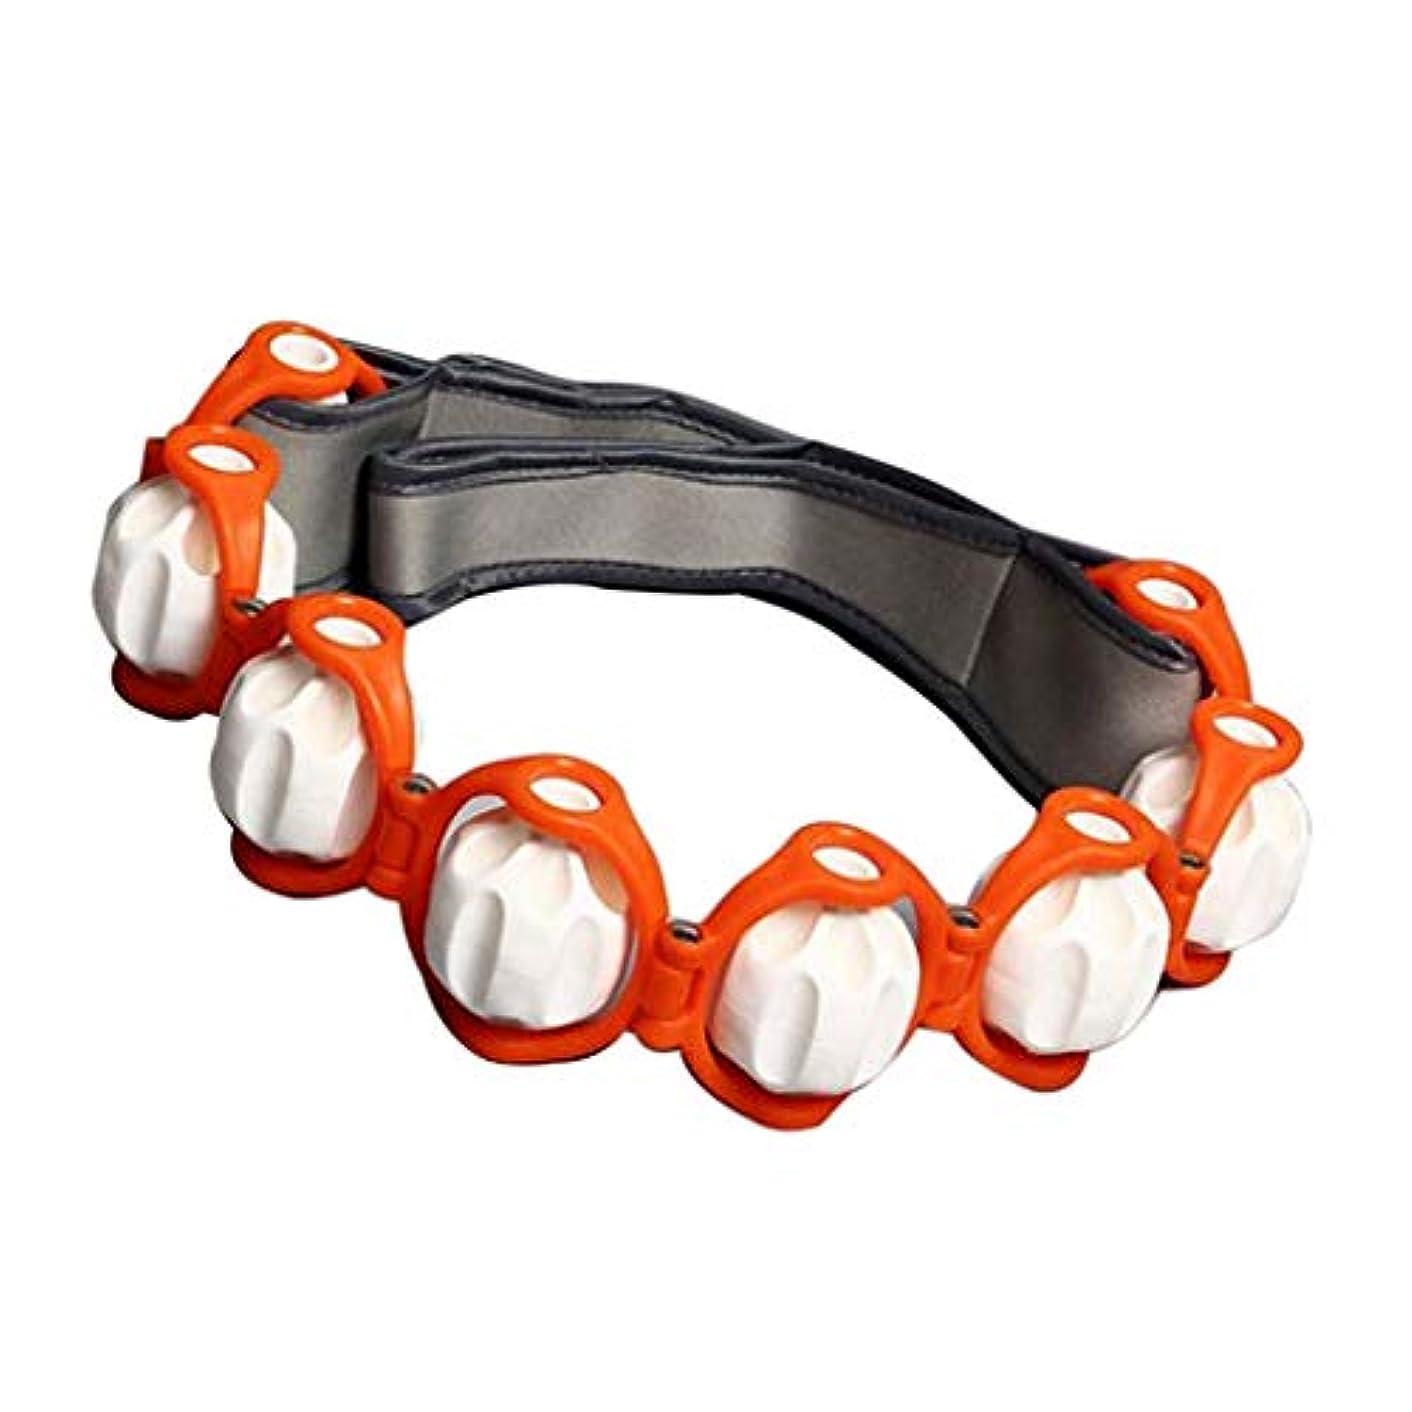 ドリル指定する伝統的マッサージローラー トリガーポイント 筋膜リリース 筋肉マッサージ マッサージツール4色選べ - オレンジ